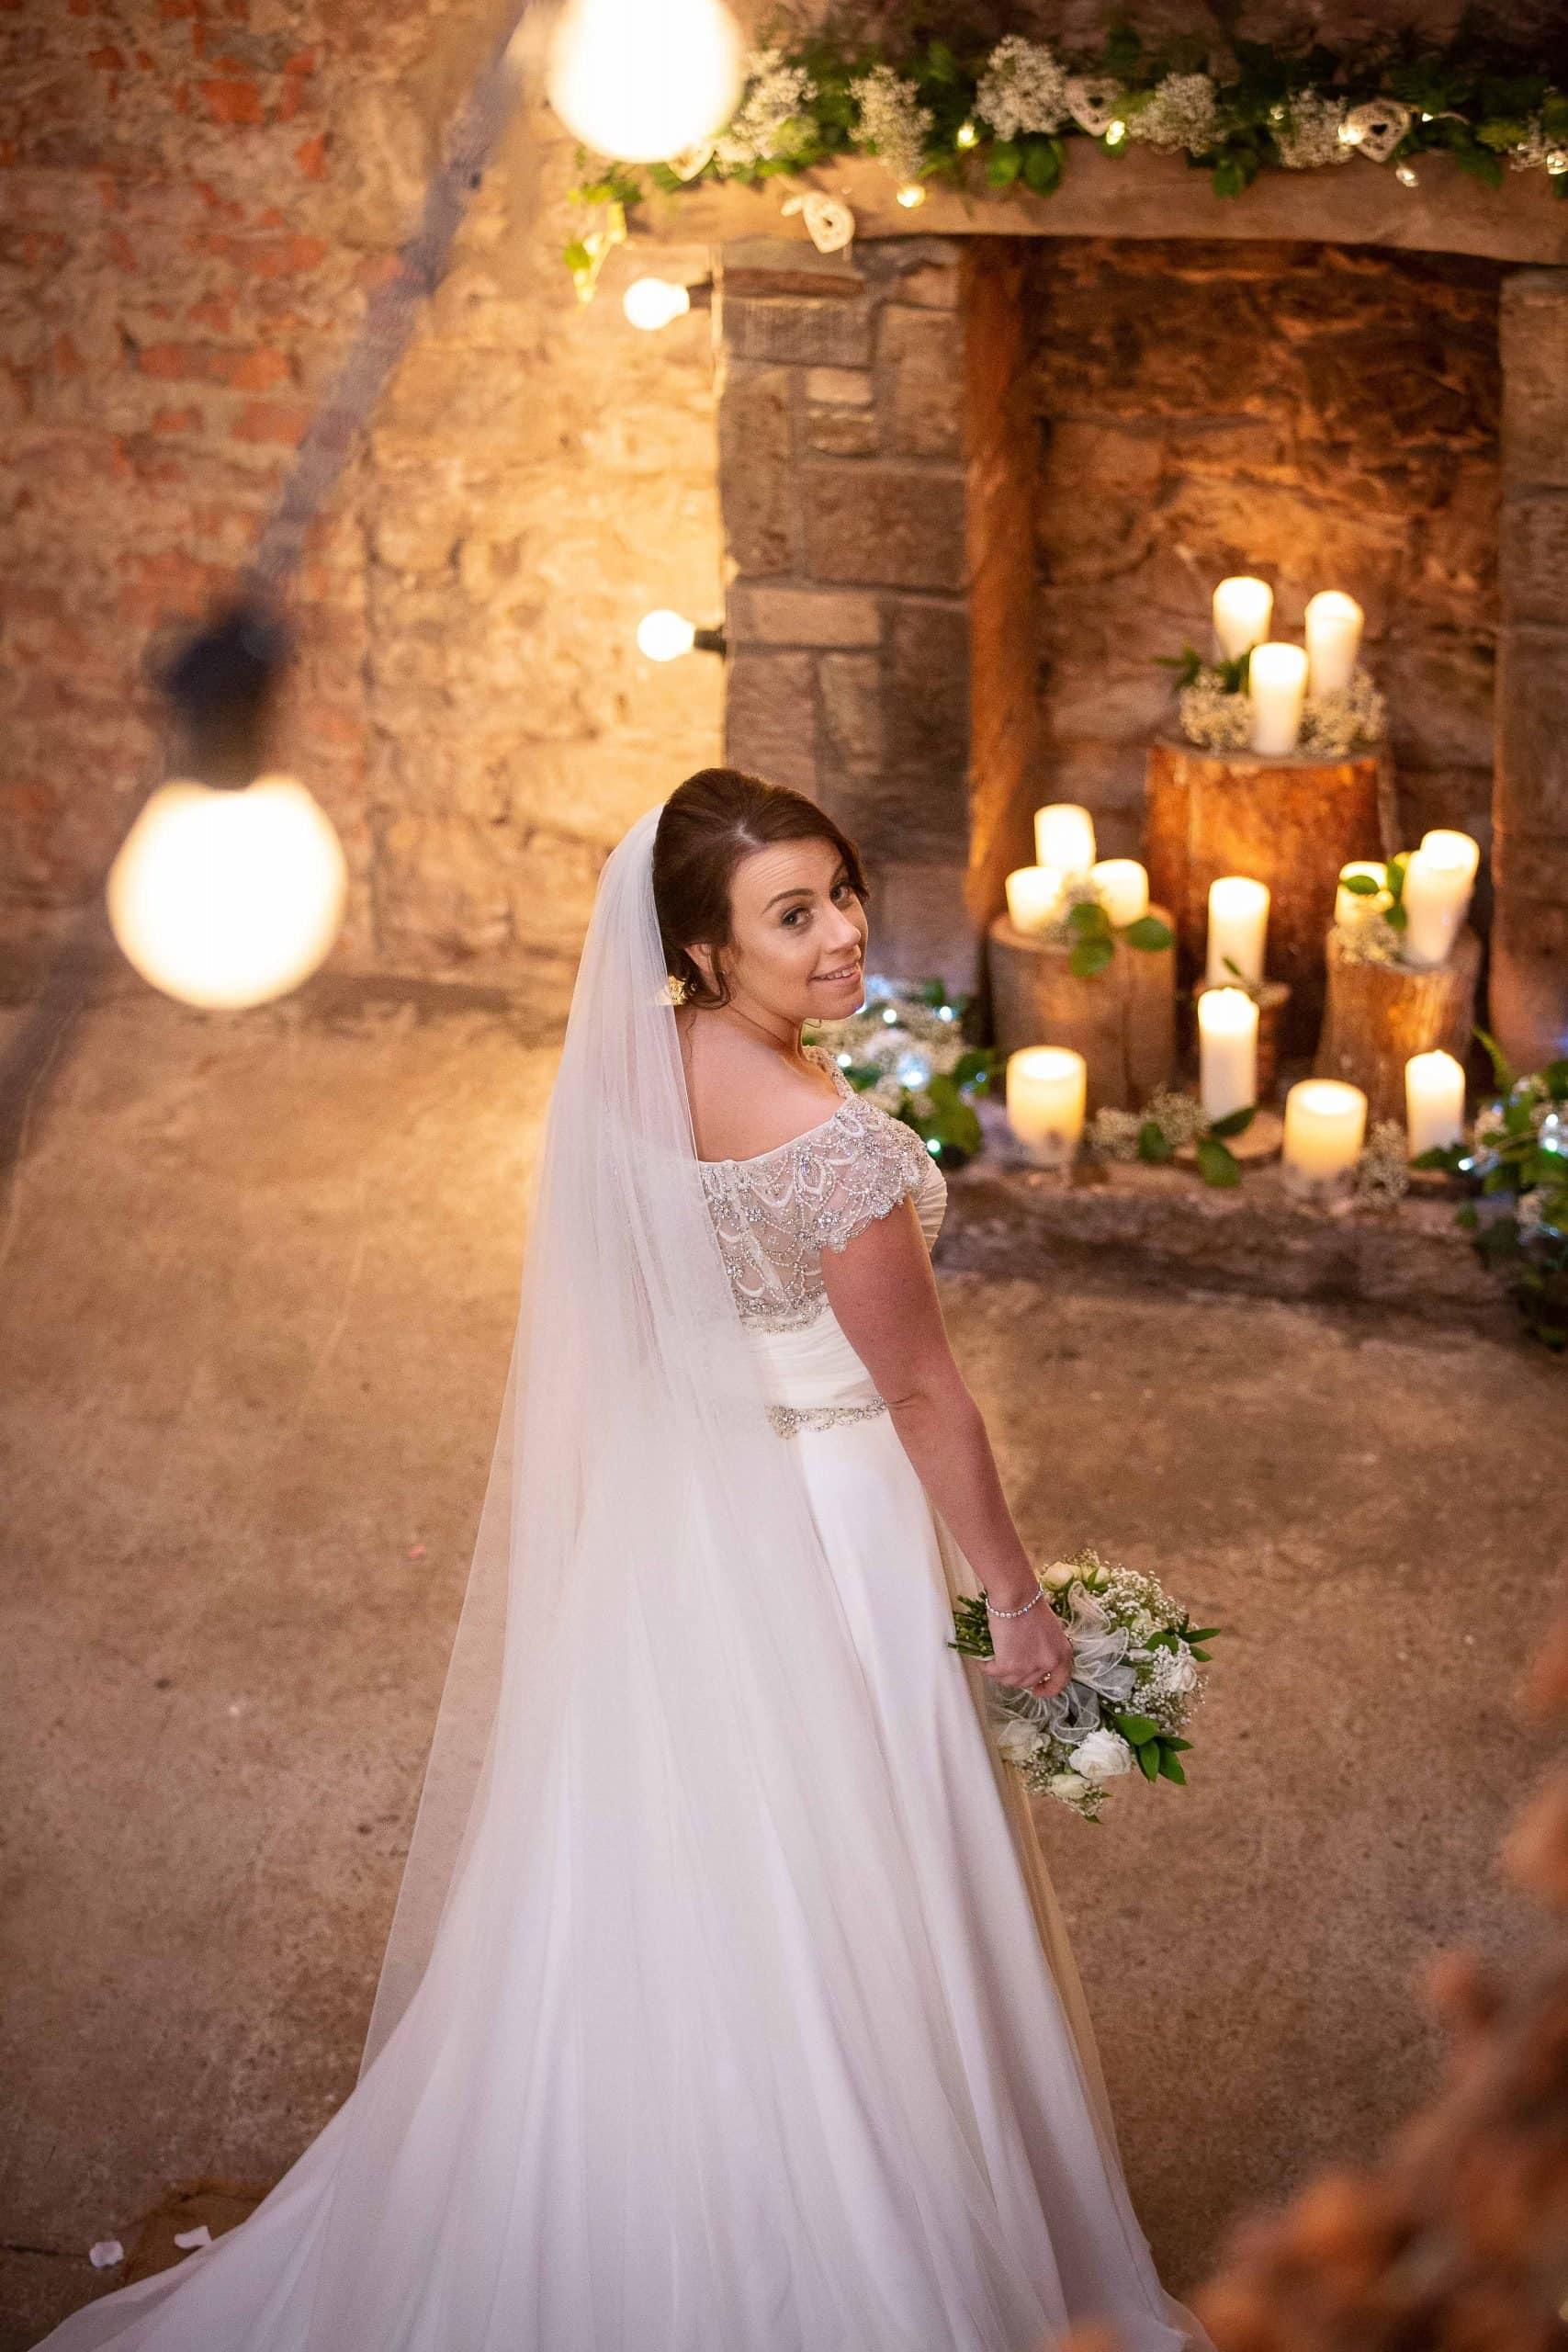 Bride at Doxford Barns